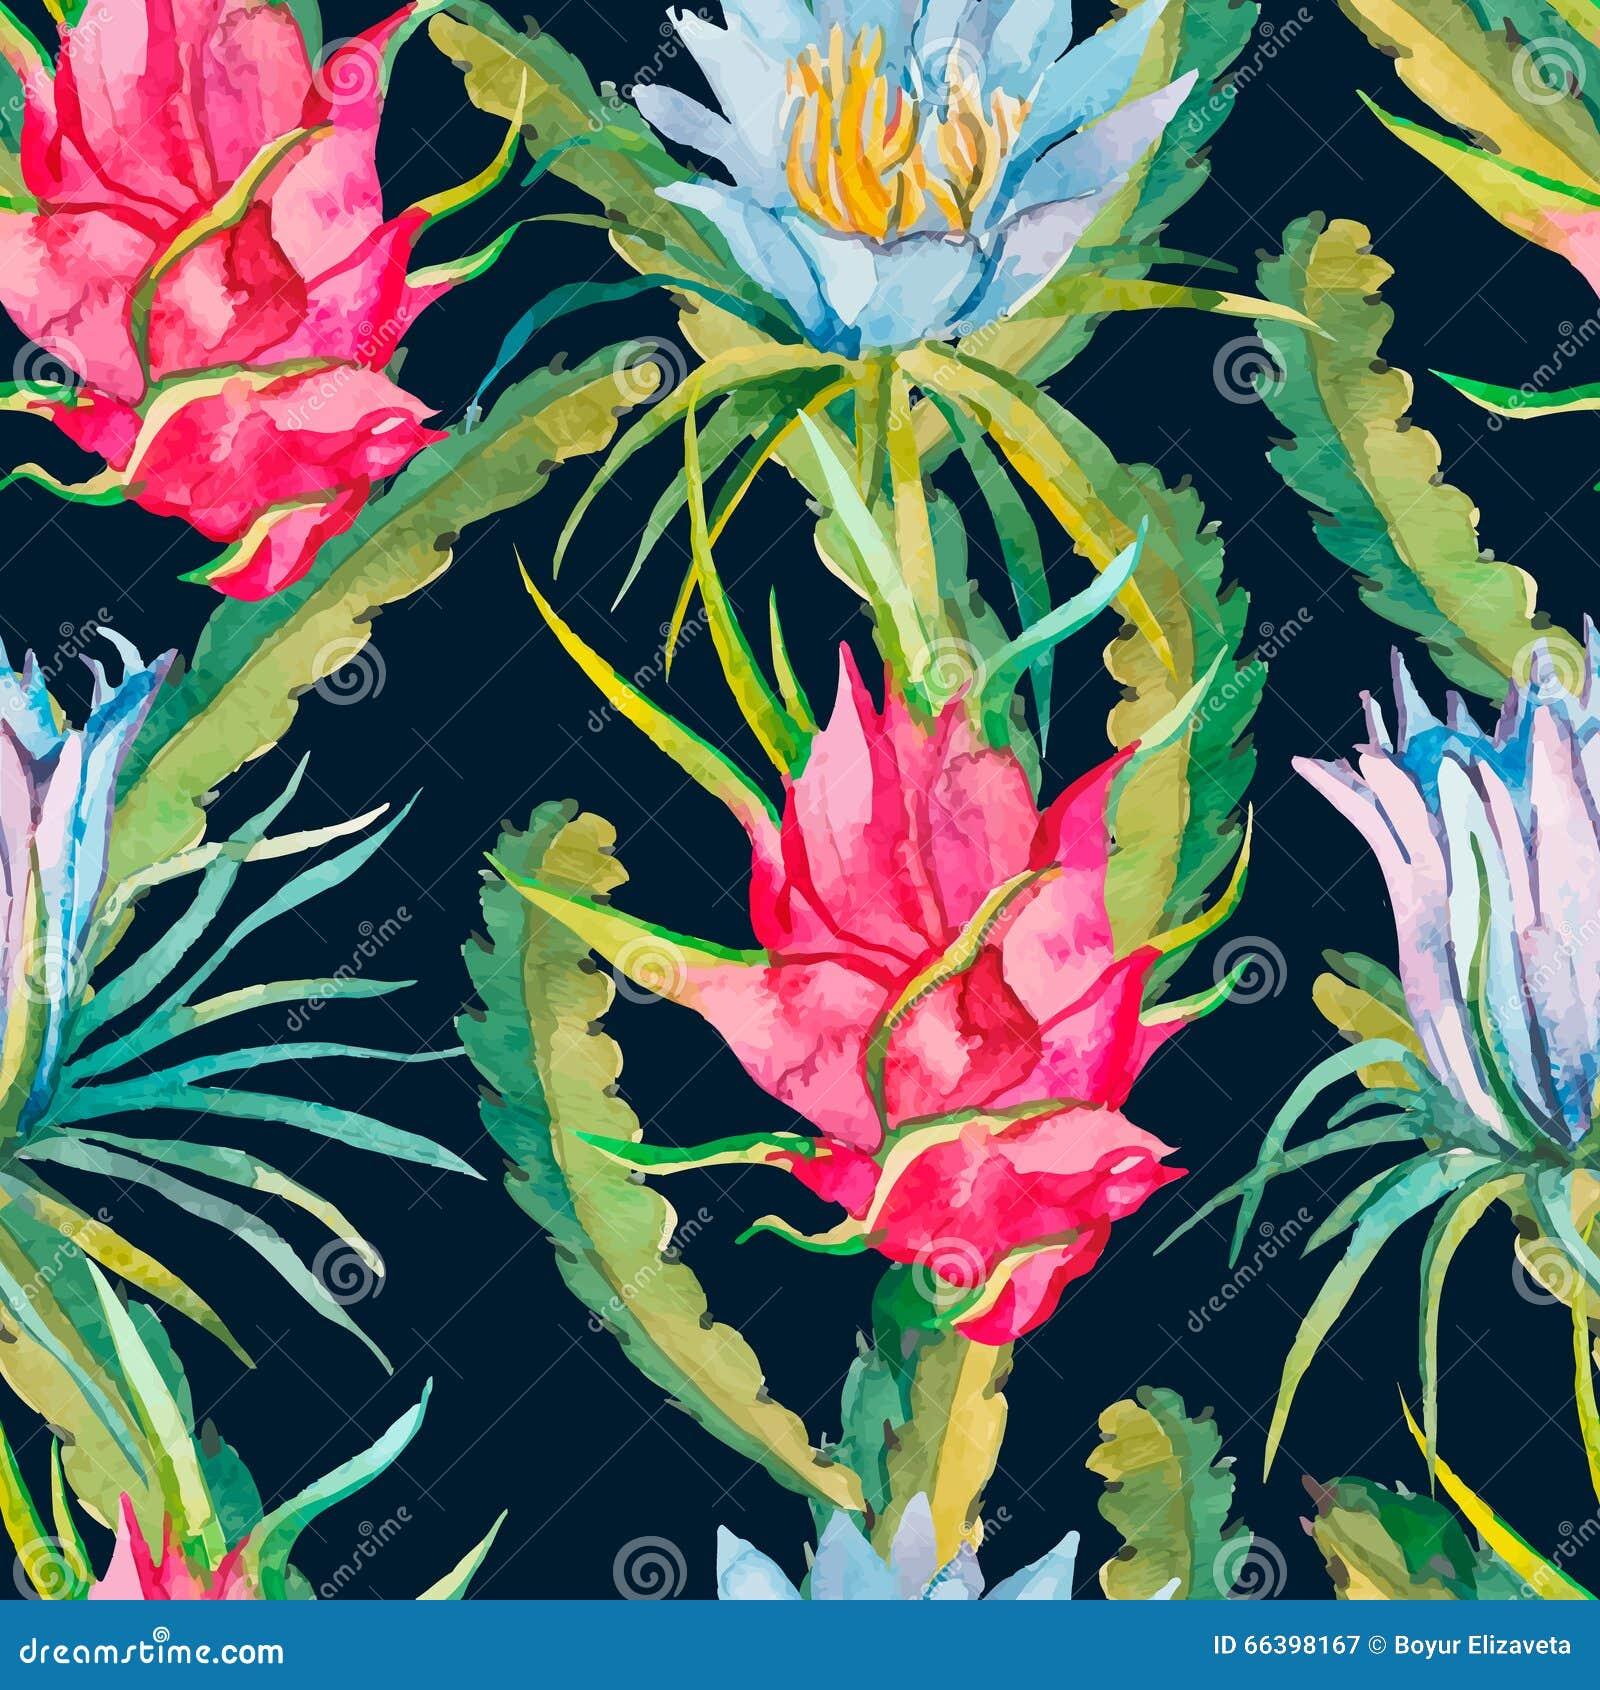 Aloha Aina Love of the Land / Aloha Kai Love of